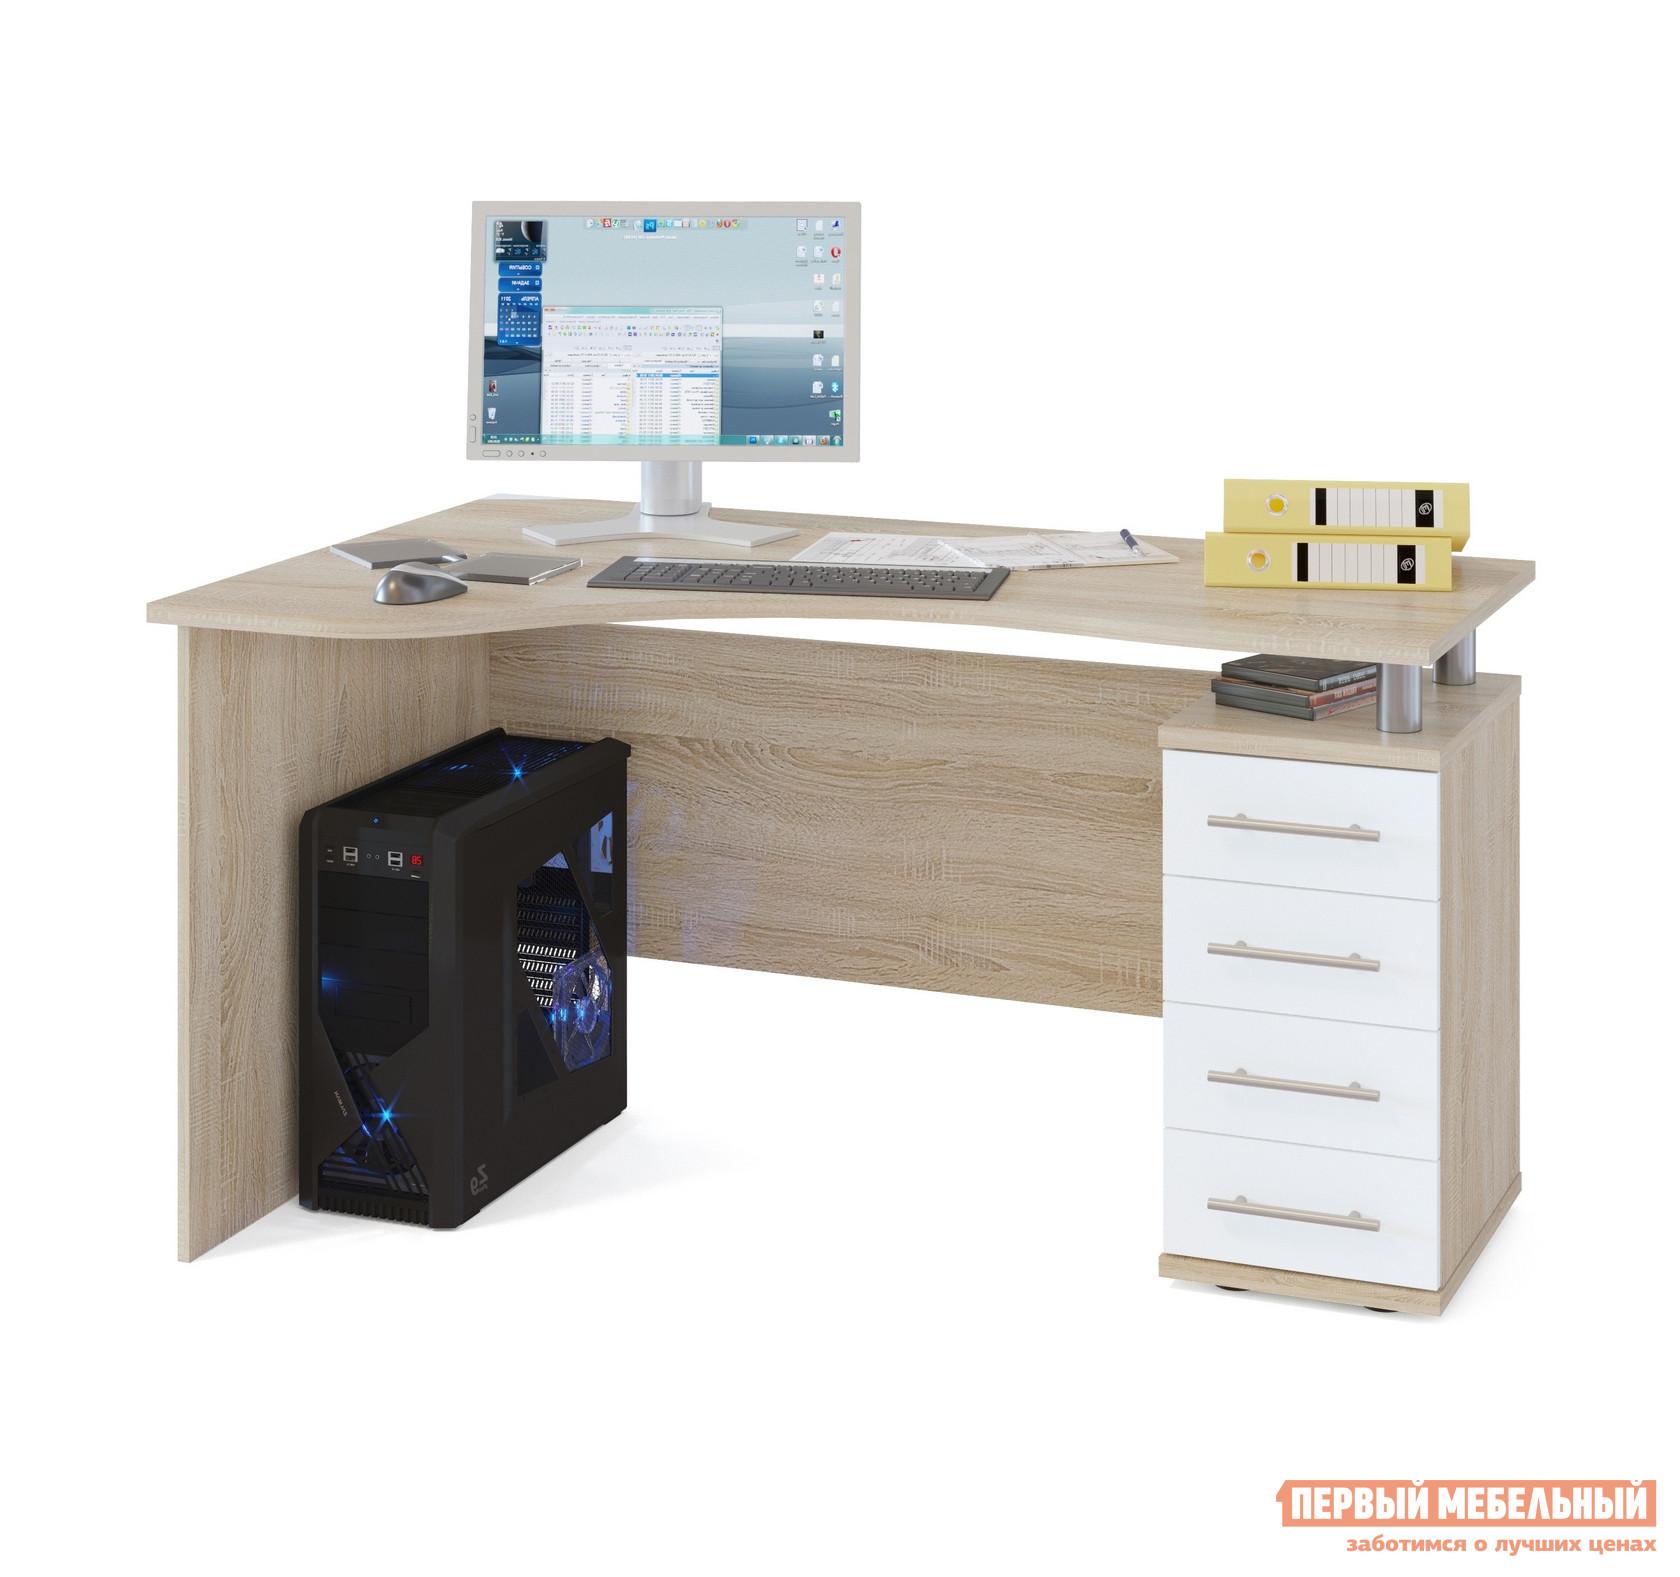 Письменный стол Сокол КСТ-104.1 Дуб Сонома / Белый, ПравыйПисьменные столы<br>Габаритные размеры ВхШхГ 750x1400x860 мм. Эргономичный компьютерный стол вместе с тумбой с выдвижными ящиками.  Столешница имеет анатомическую форму и изготовлена из высококачественного ДСП отечественного производства толщиной 22 мм, отделана кромкой ПВХ 2 мм.  Стол позволит организовать полноценное и удобное место для работы. Ширина столешницы по узкой стороне — 560 мм. Внутренний размер ящиков составляет 382 х 222 мм, что позволит разместить в них документы формата А4, канцелярские принадлежности и необходимые мелочи. Расстояние между креплениями ручек — 128 мм. Высота от пола до нижнего края задней стенки составляет 156 мм. Обратите внимание! Стол может быть в правостороннем или левостороннем исполнении.  На фото представлен левосторонний стол (ориентация по расположению тумбы). В столешнице есть отверстия для установки надстройки, если стол планируется использовать без надстройки, то отверстия закрываются заглушками (они входят в комплект).  Изделие поставляется в разобранном виде.  Хорошо упаковано вгофротару вместе с необходимой фурнитурой для сборки и подробной инструкцией.  Рекомендуем сохранить инструкцию по сборке (паспорт изделия) до истечения гарантийного срока.<br><br>Цвет: Белый<br>Цвет: Светлое дерево<br>Высота мм: 750<br>Ширина мм: 1400<br>Глубина мм: 860<br>Кол-во упаковок: 2<br>Форма поставки: В разобранном виде<br>Срок гарантии: 2 года<br>Тип: Угловые<br>Материал: Дерево<br>Материал: ЛДСП<br>Размер: Большие<br>Размер: Ширина 140 см<br>С ящиками: Да<br>Без надстройки: Да<br>С тумбой: Да<br>Стиль: Современный<br>Стиль: Модерн